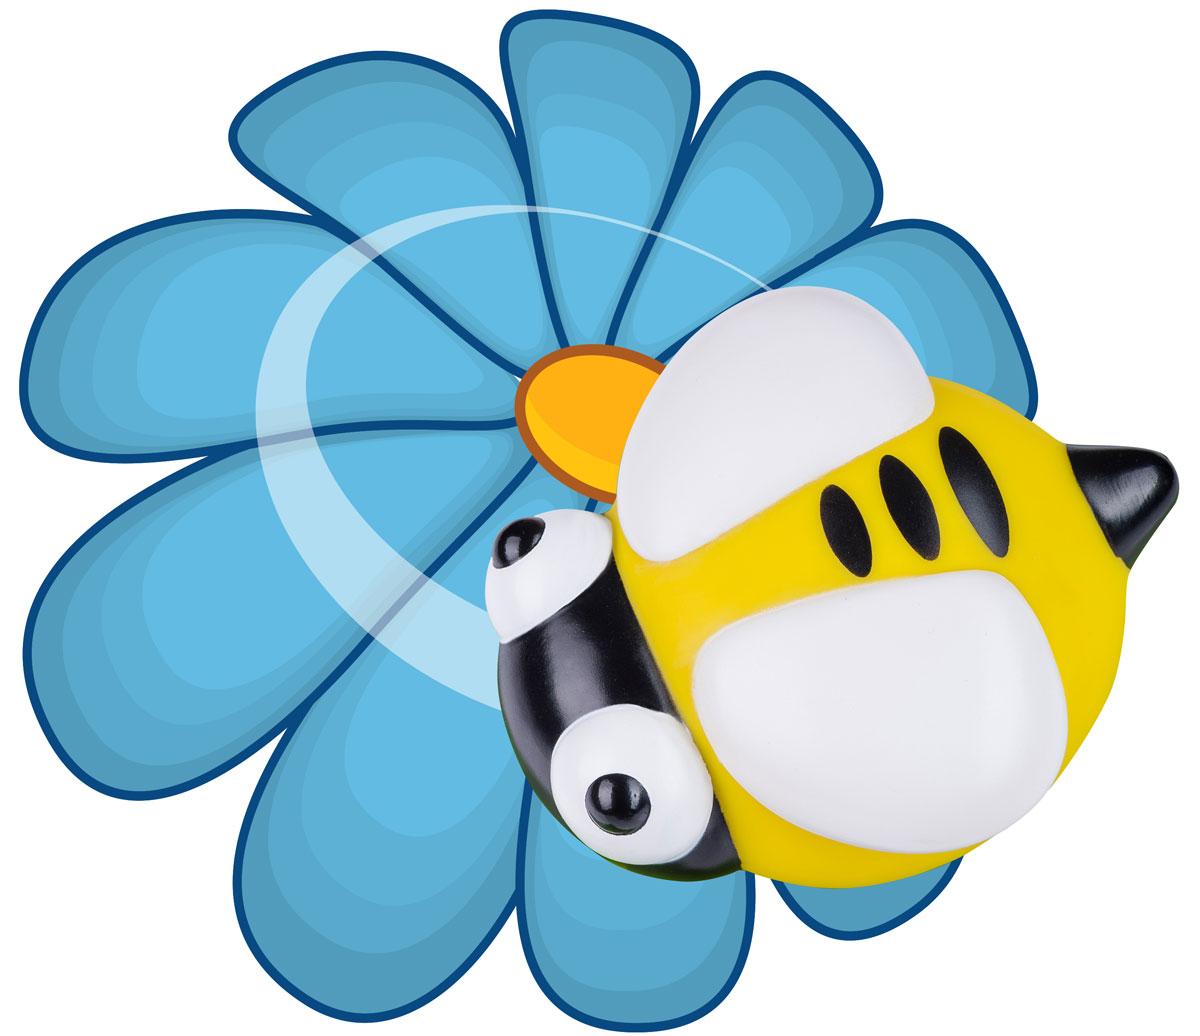 BabyOno Ночник Тук-Тук Пчелка960/03Ночник BabyOno Тук- тук. Пчелка был разработан с мыслью о вашем ребенке. Устройство светильника позволяет закрепить его на стене и снять в любой момент. Дает ребенку возможность спать и засыпать с ним, а также брать с собой во время ночных походов в туалет. Ночник имеет 2 режима, переключаемые путем легкого постукивания по корпусу: постоянный свет и режим дыхания, когда свет постепенно становится ярче, а затем затухает. Светильник имеет функцию автоматического отключения - он самостоятельно выключится по истечении 60 минут работы. В комплект со светильником также входит наклейка с цветочком и инструкция на русском языке. Для работы игрушки необходимы 3 батарейки типа ААА напряжением 1,5V (товар комплектуется демонстрационными).